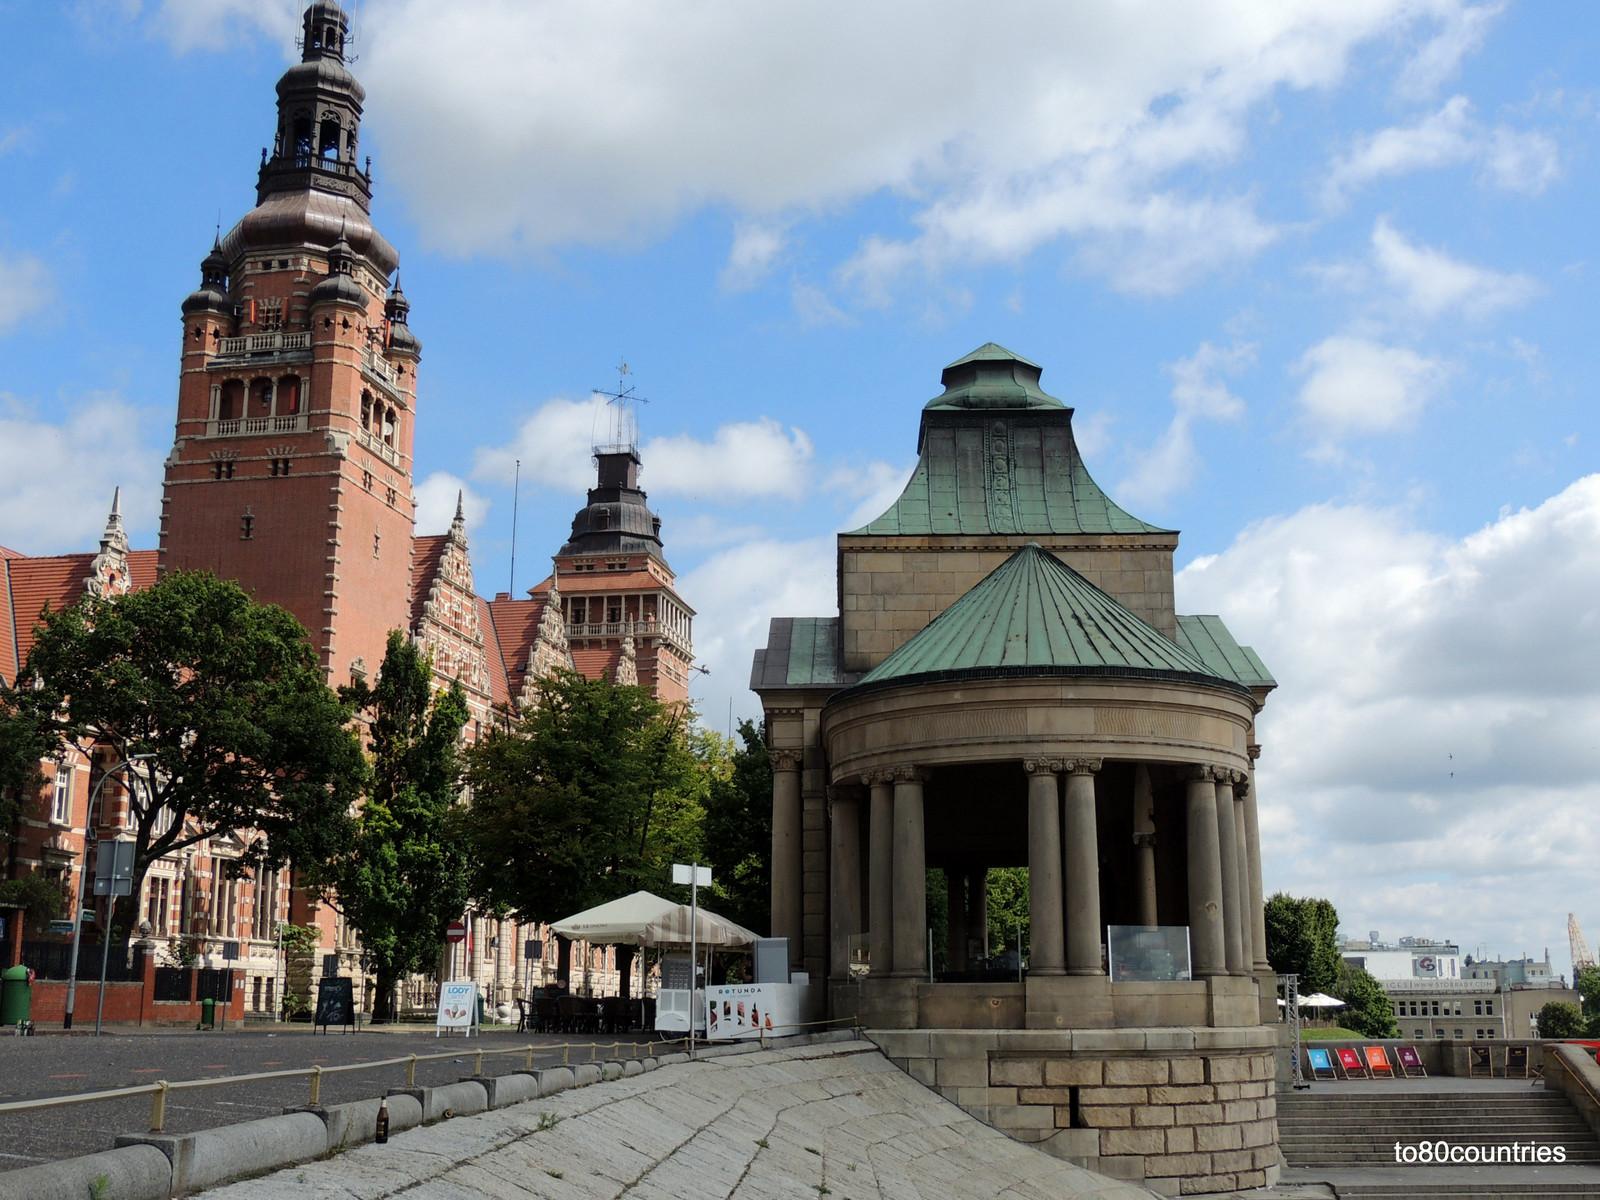 Bezirksverwaltung (Woiwodschaftsamt) von Westpommern - Stettin